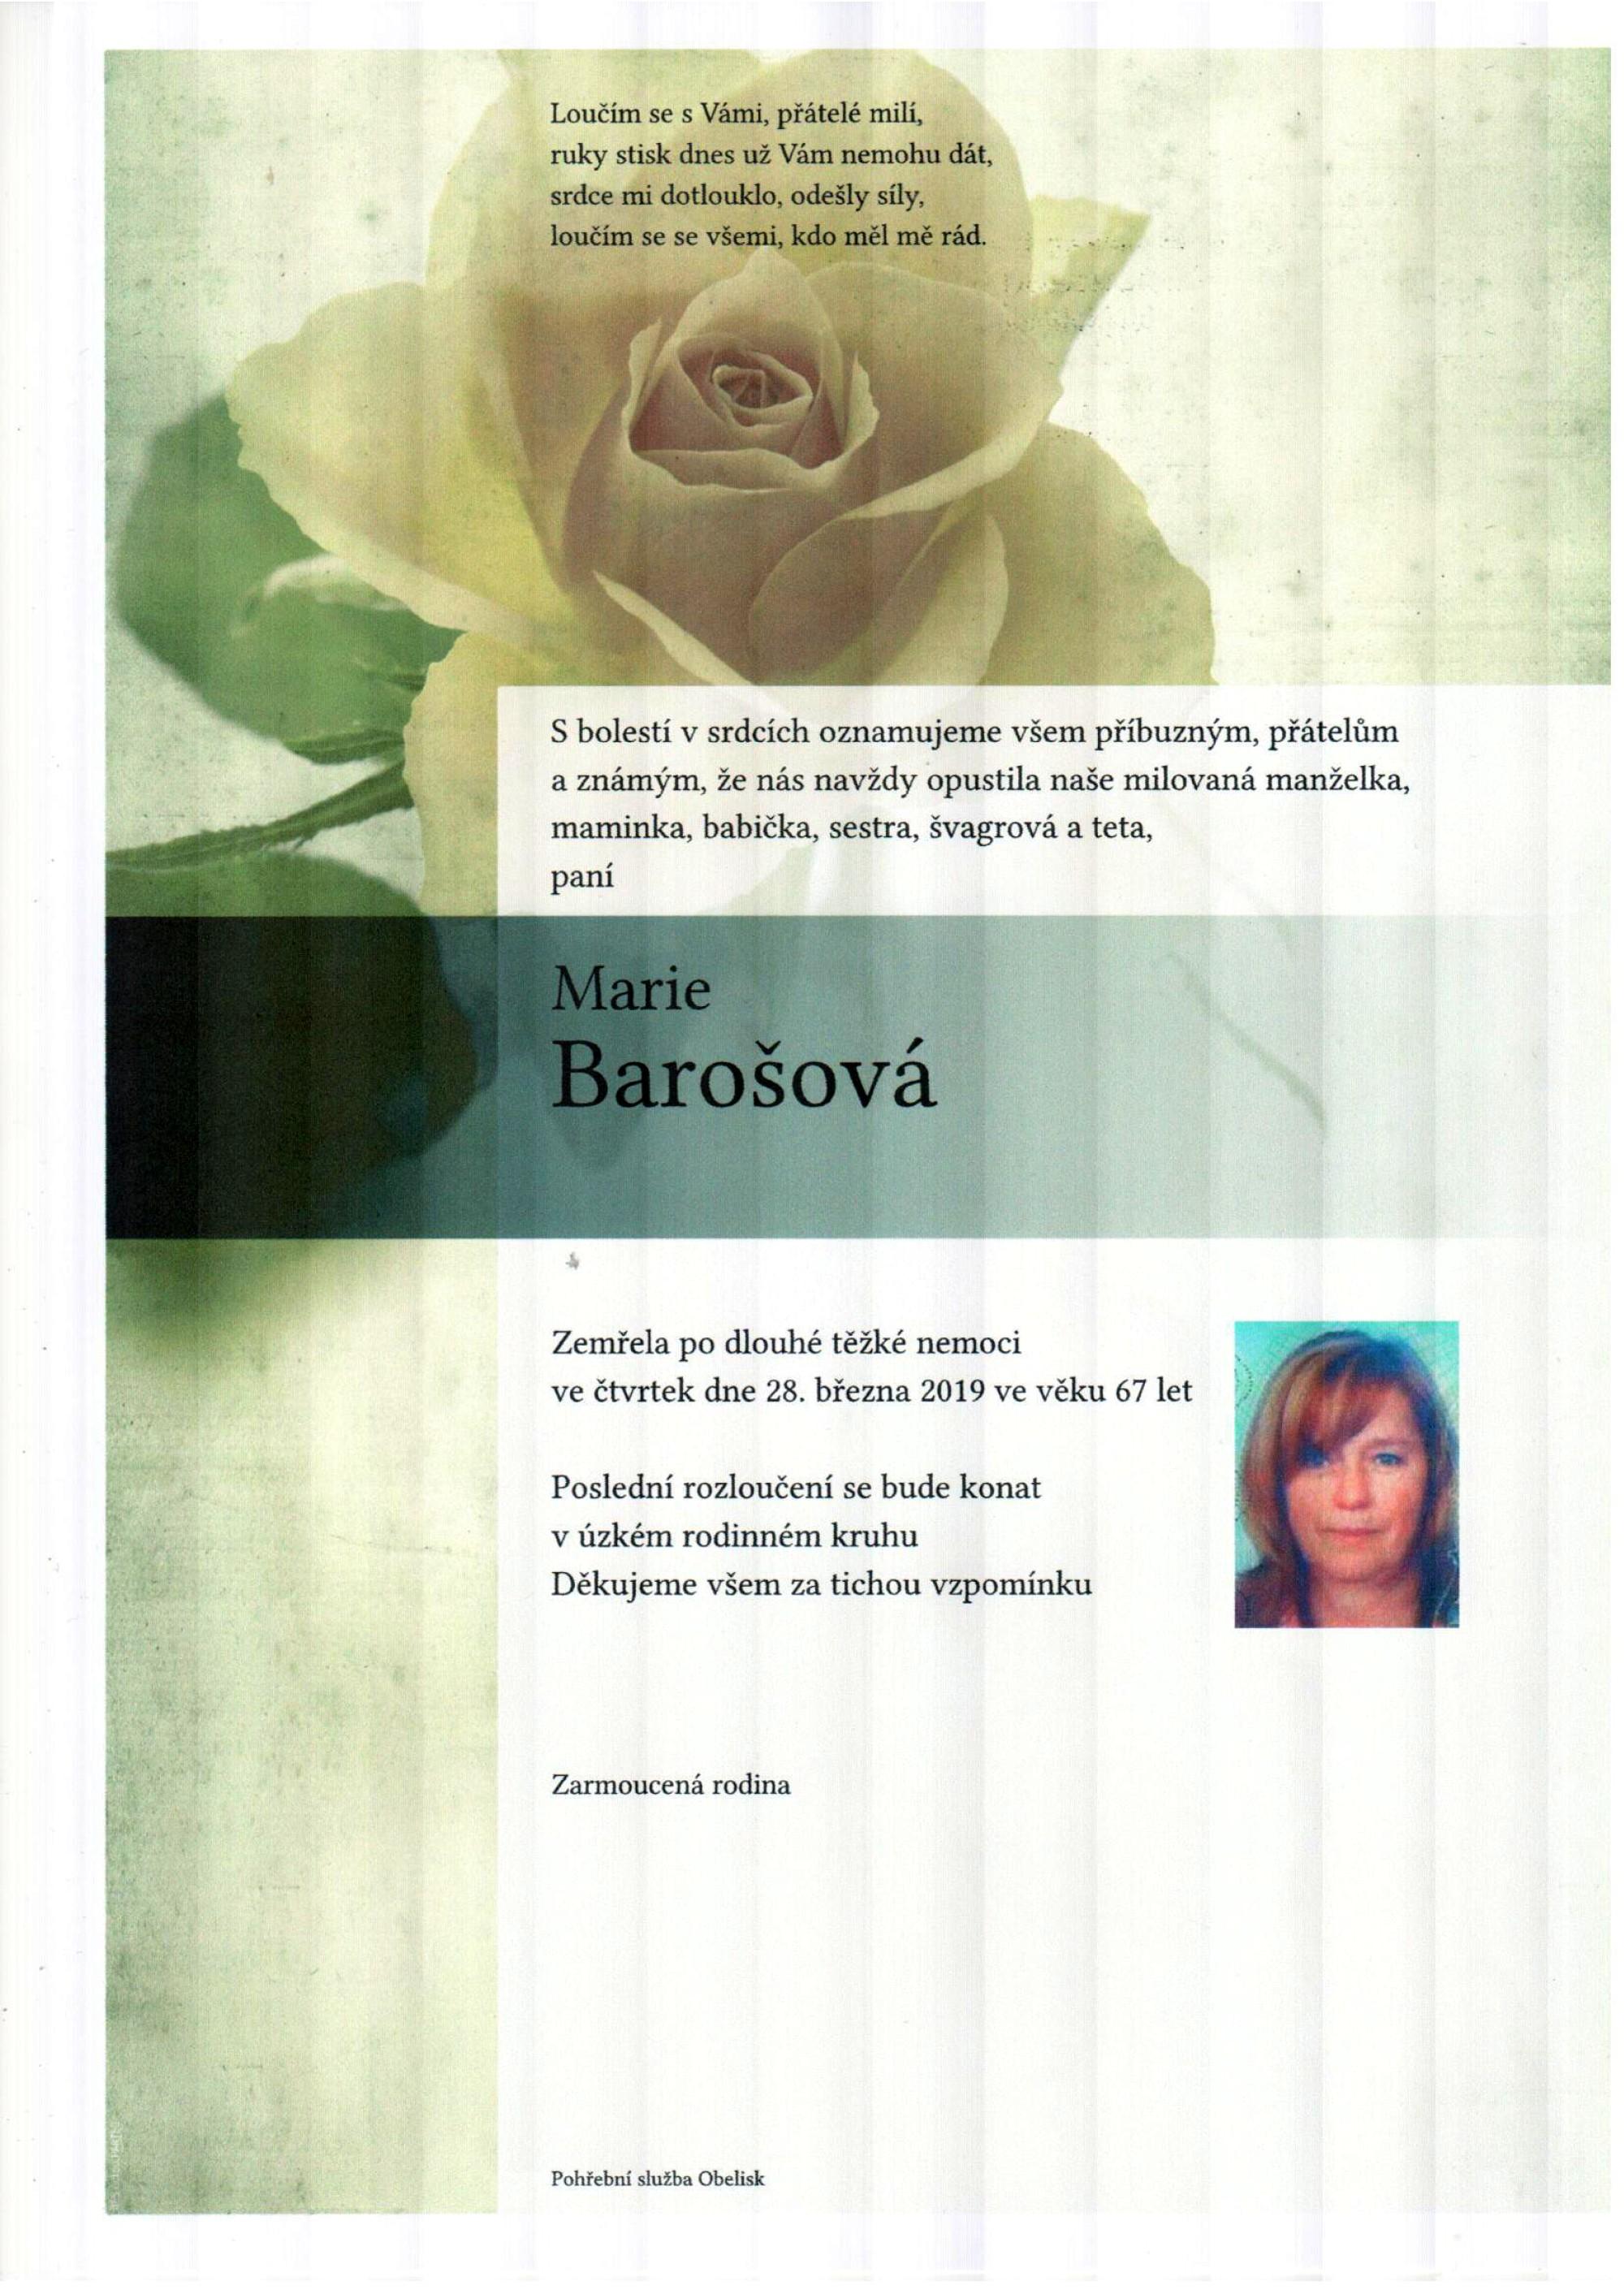 Marie Barošová